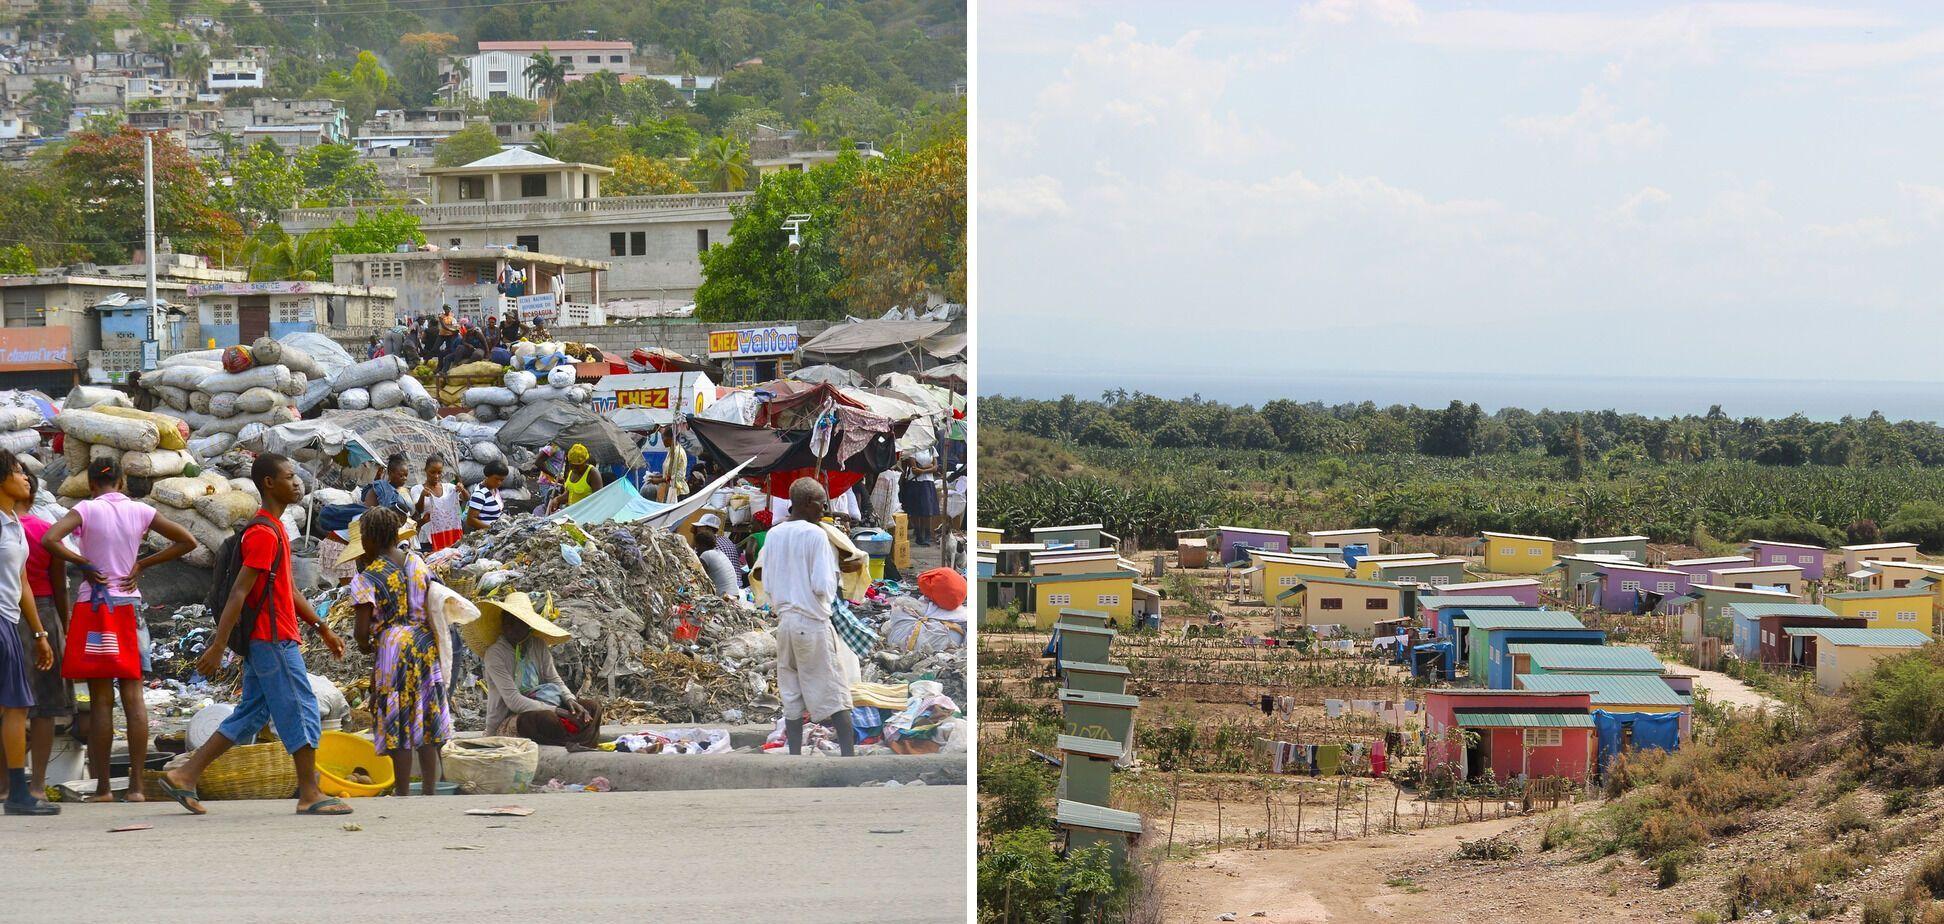 Гаїті – одна з найбідніших держав світу